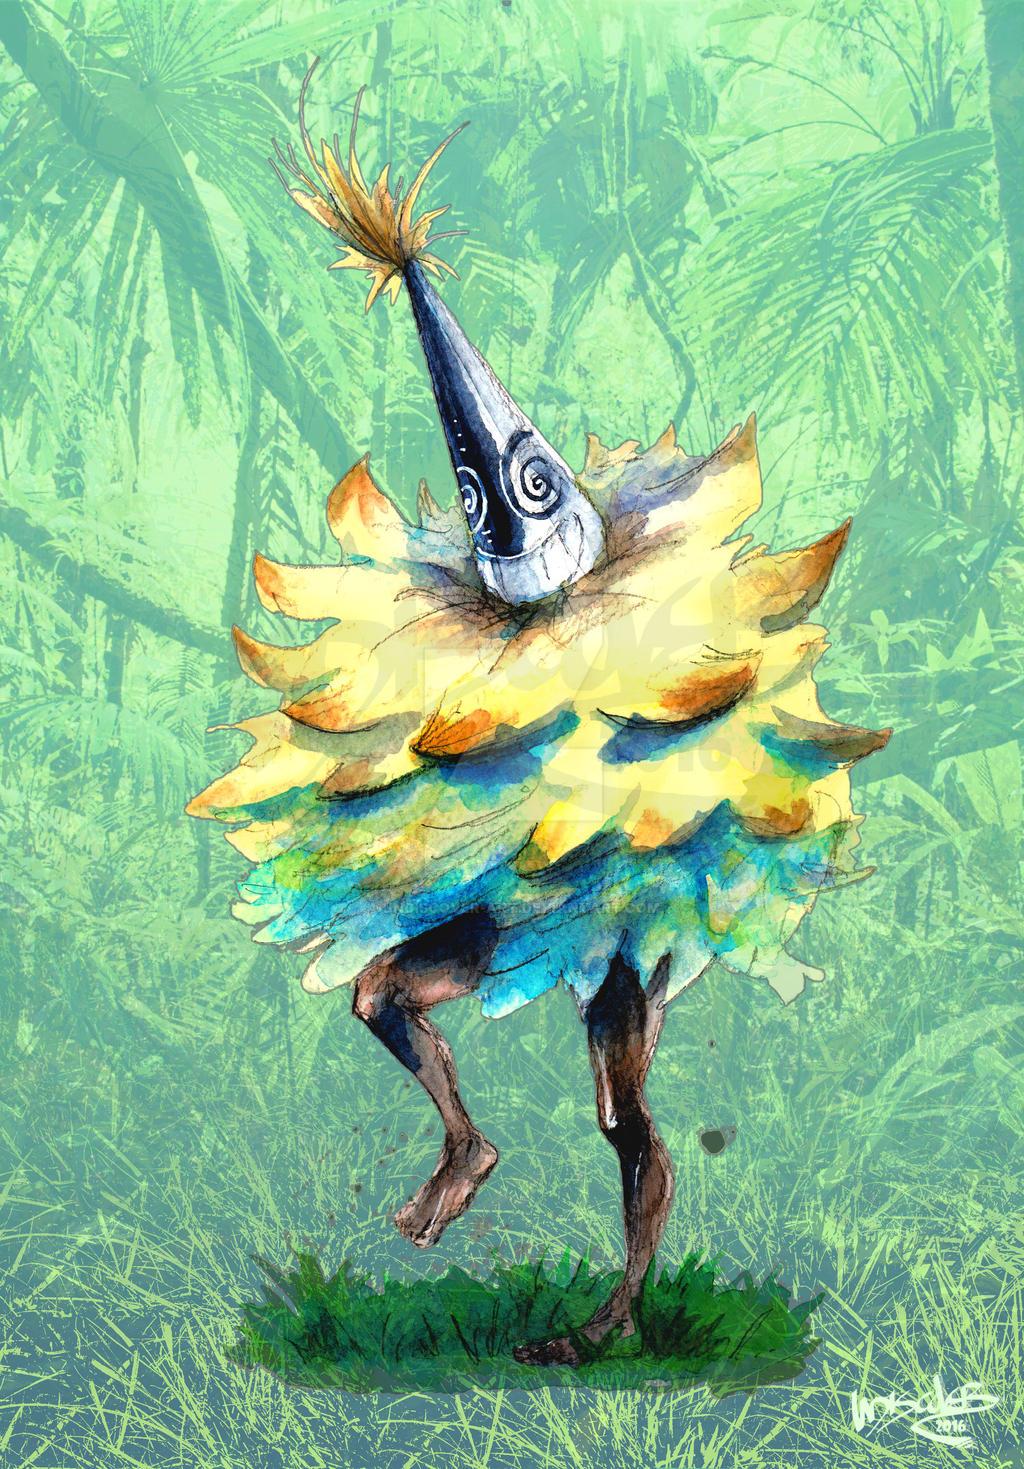 DUK DUK dancer by UNDISCOVER-art on DeviantArt